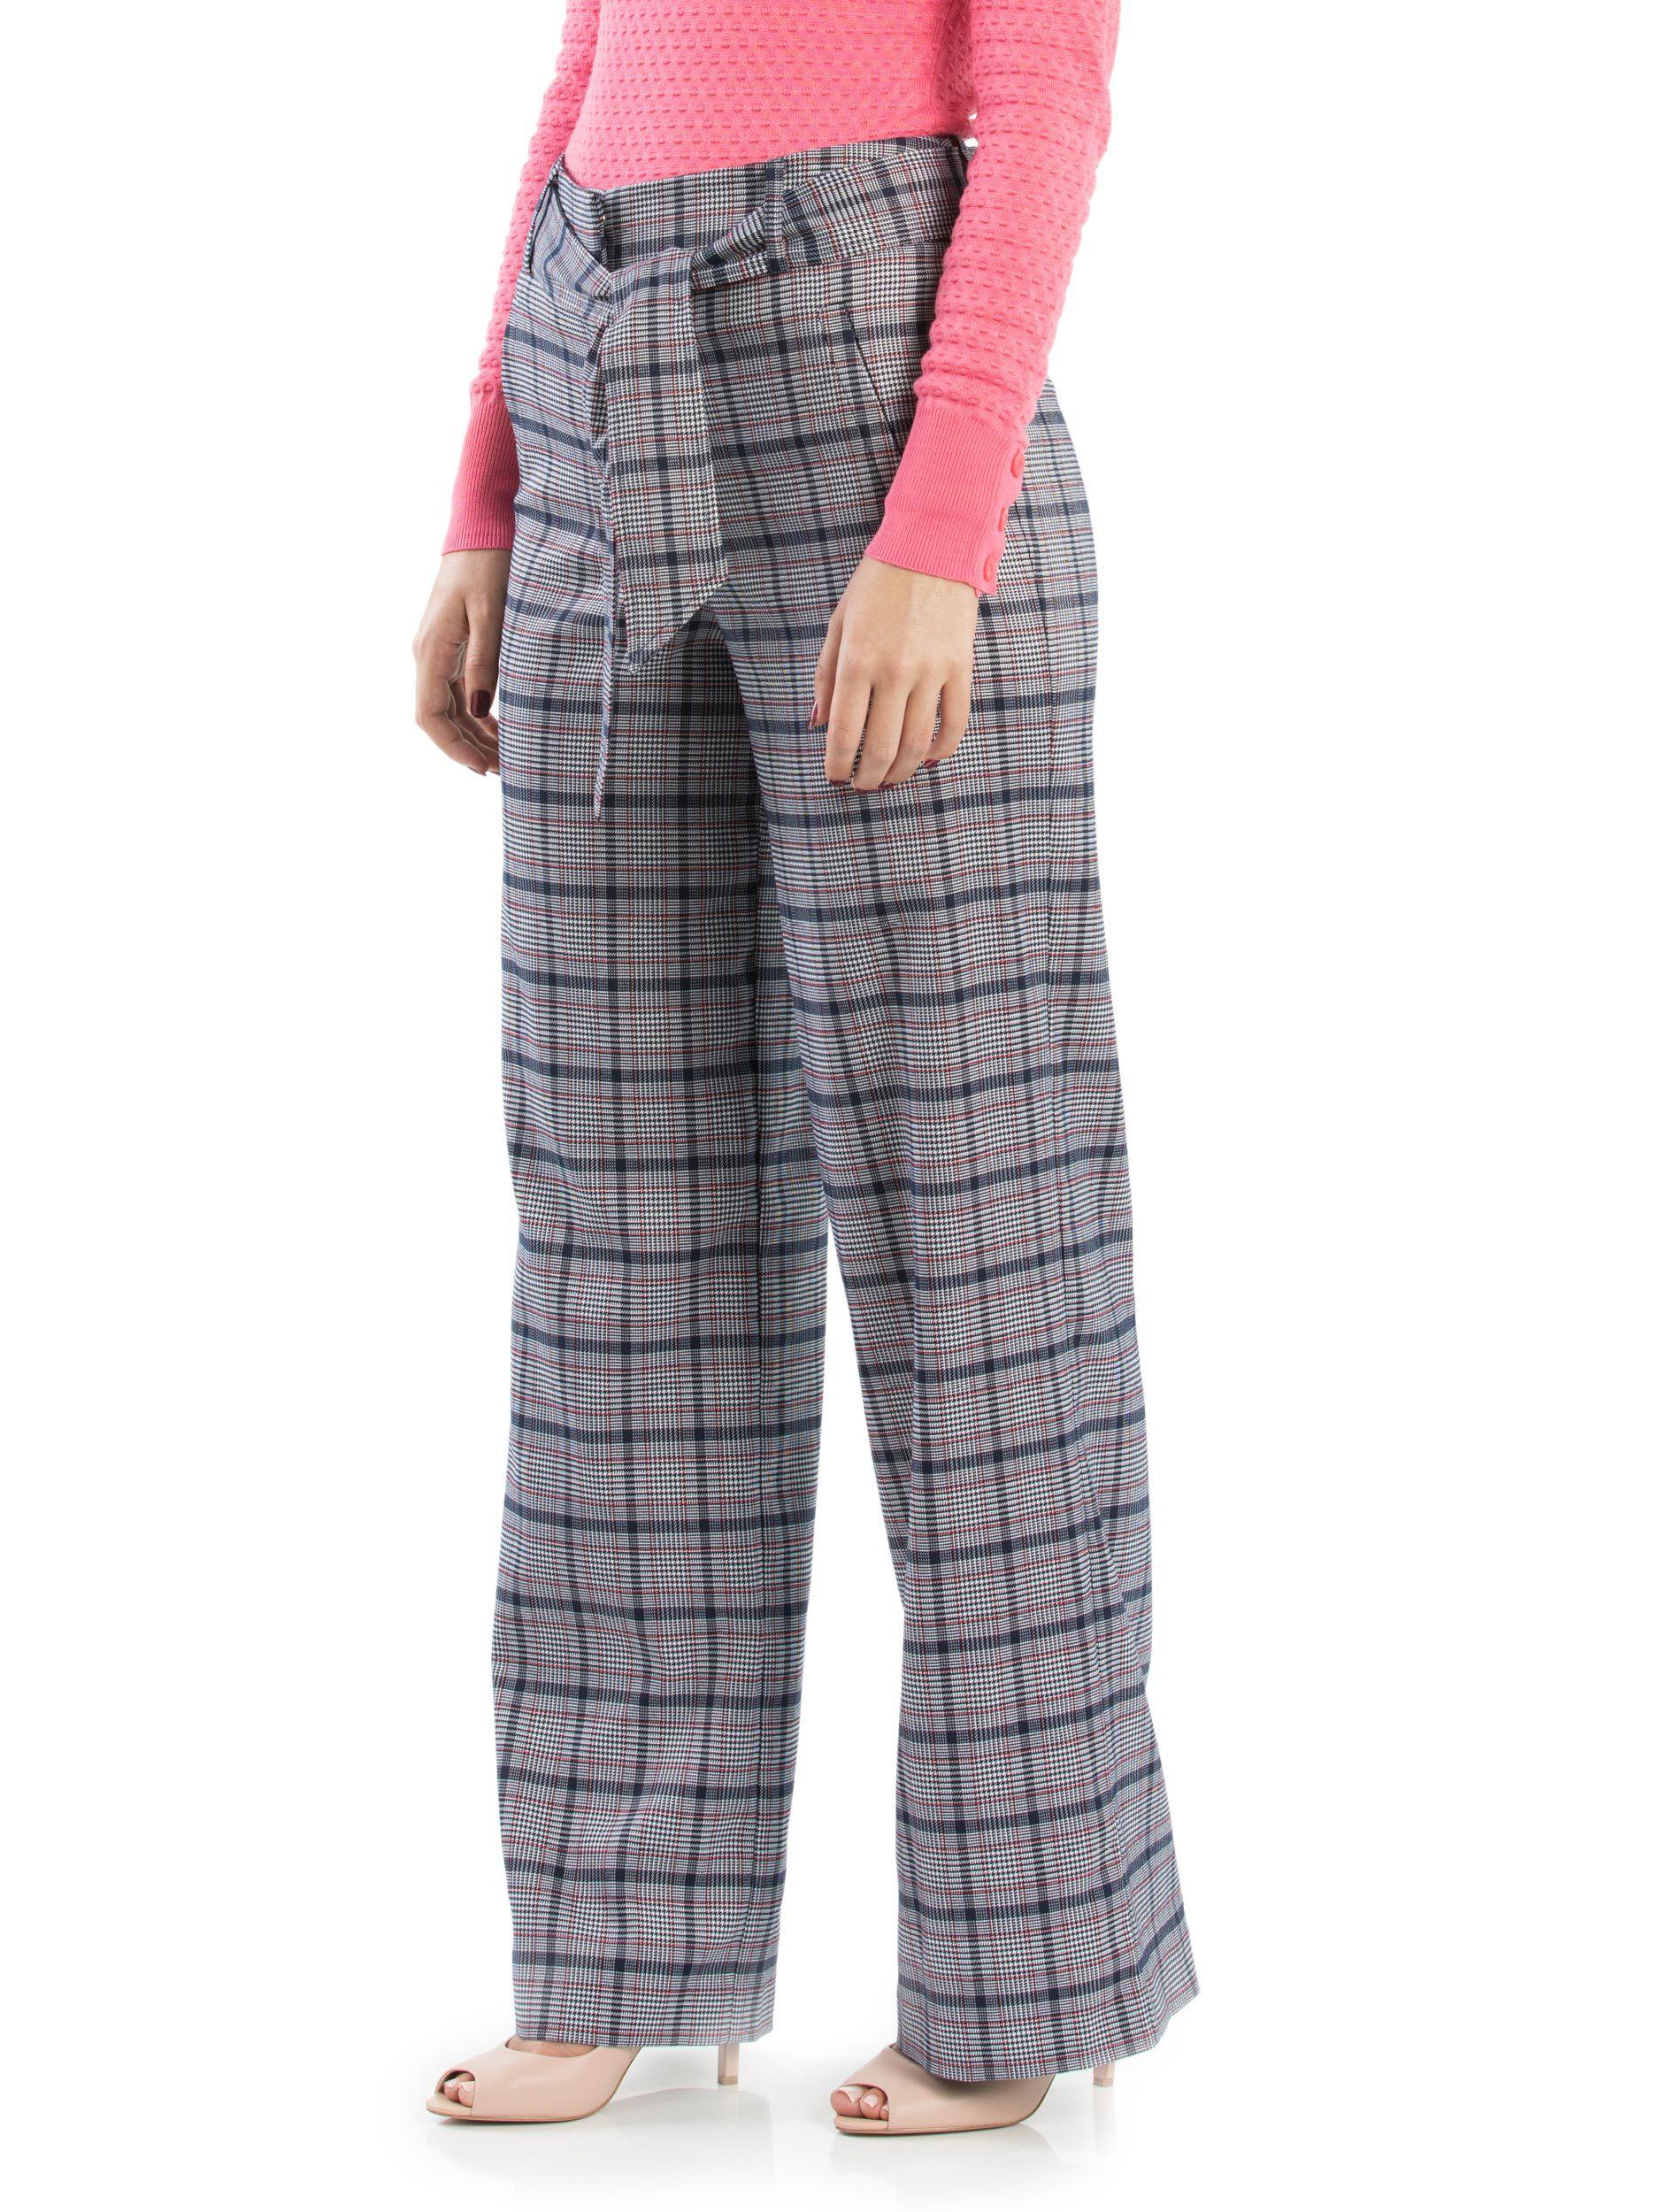 Taylor Check Pants